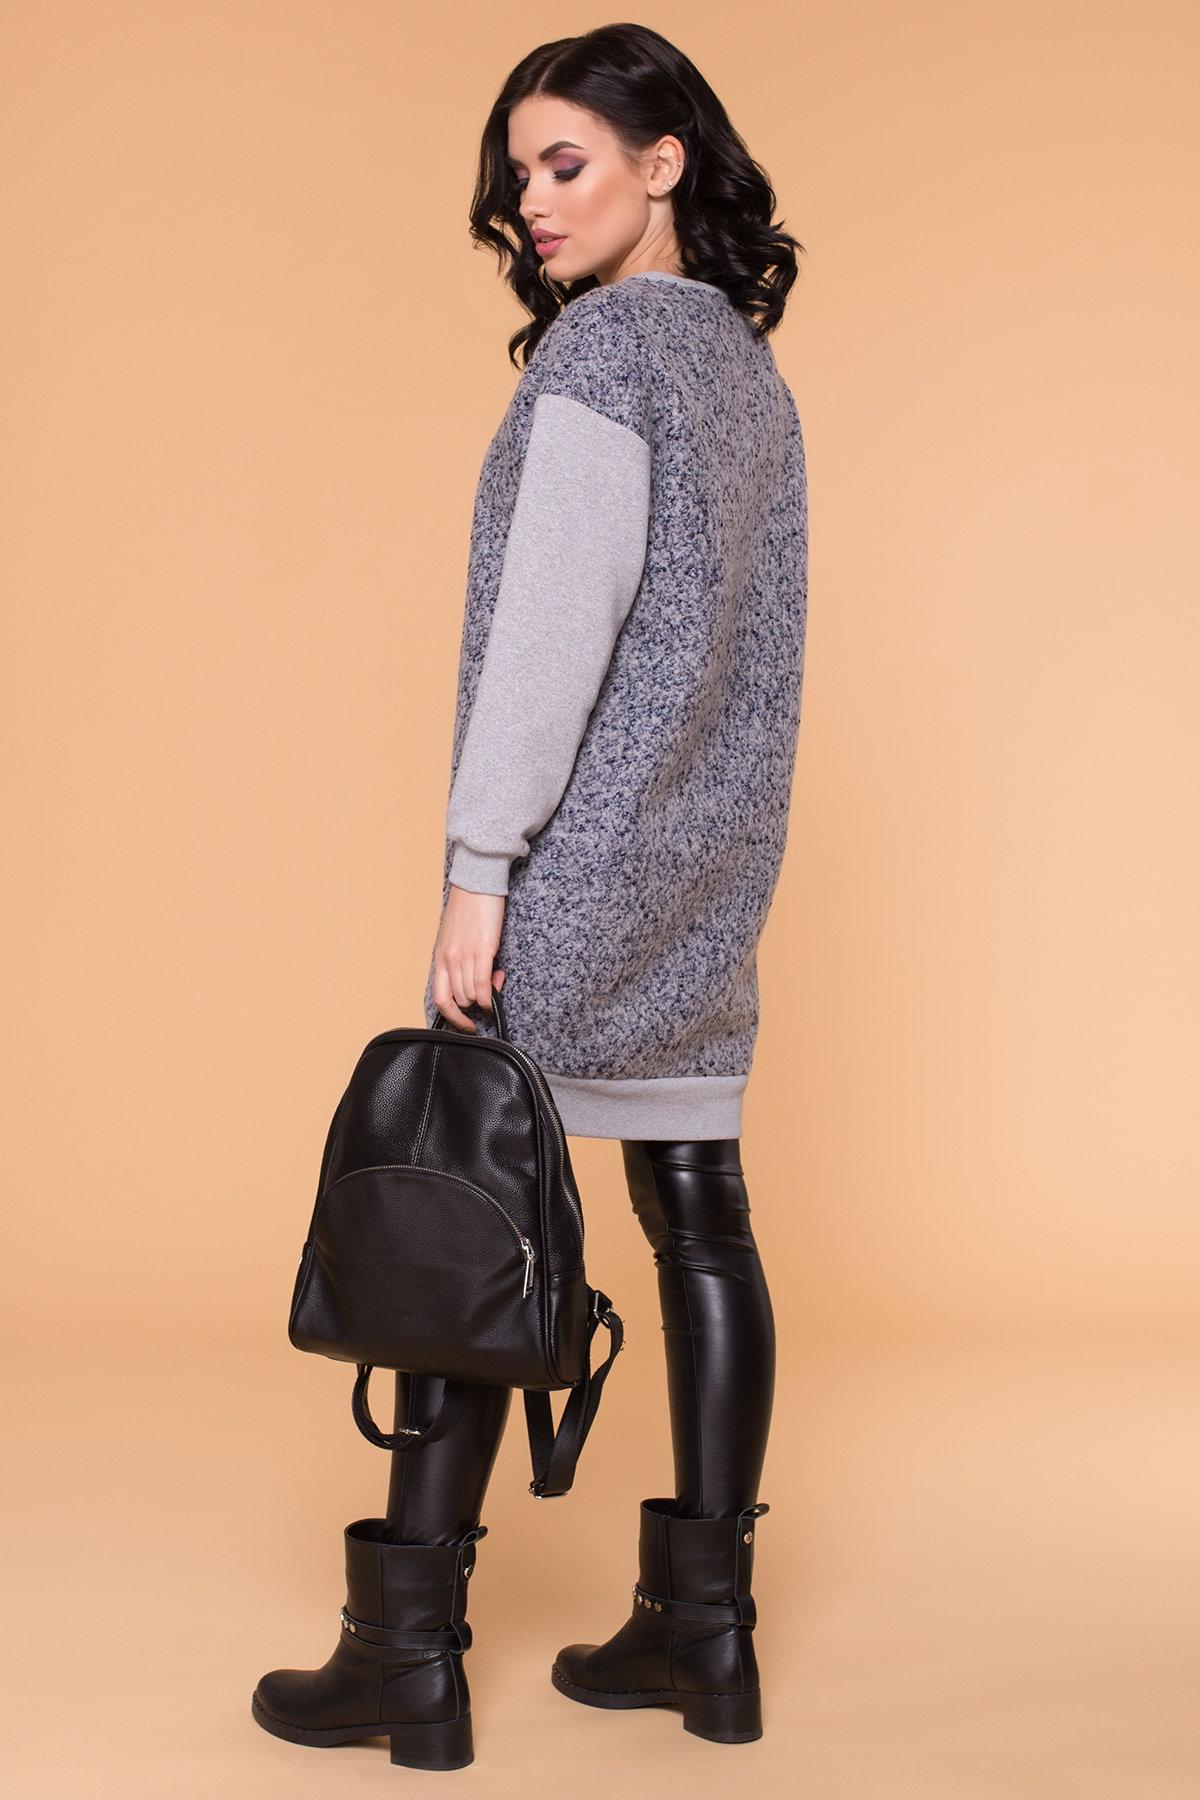 Платье Сорри 6266 АРТ. 41100 Цвет: Серый Св/серый - фото 3, интернет магазин tm-modus.ru